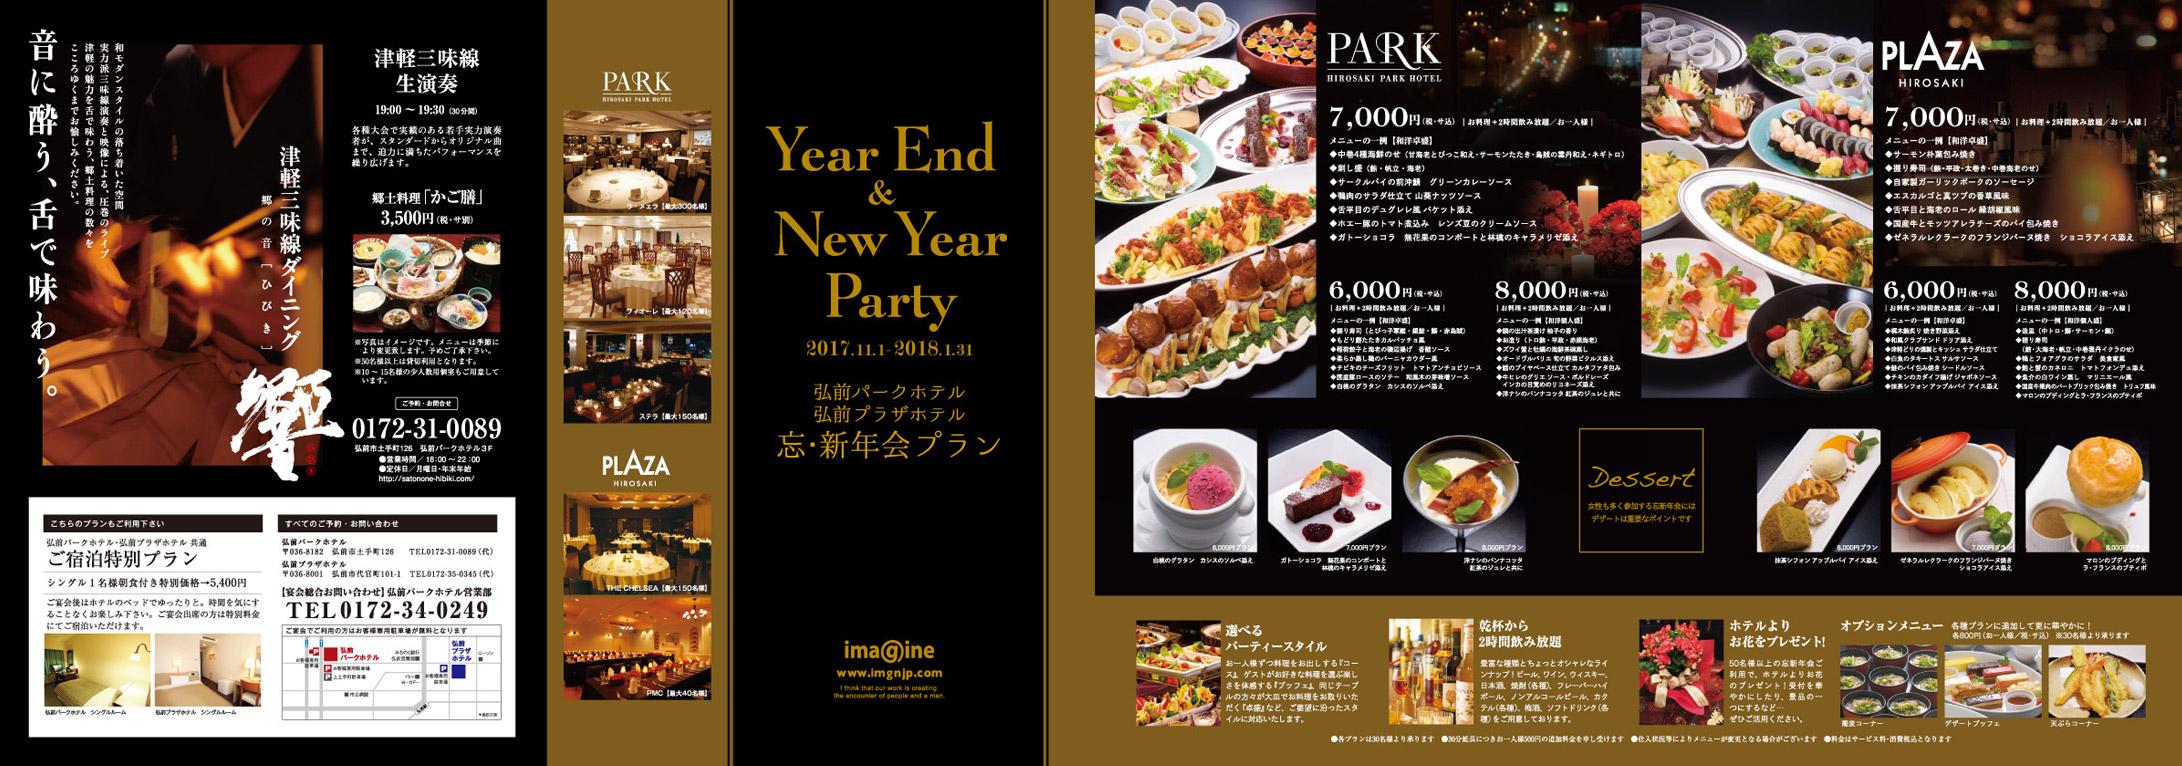 弘前パークホテル忘年会新年会プラン